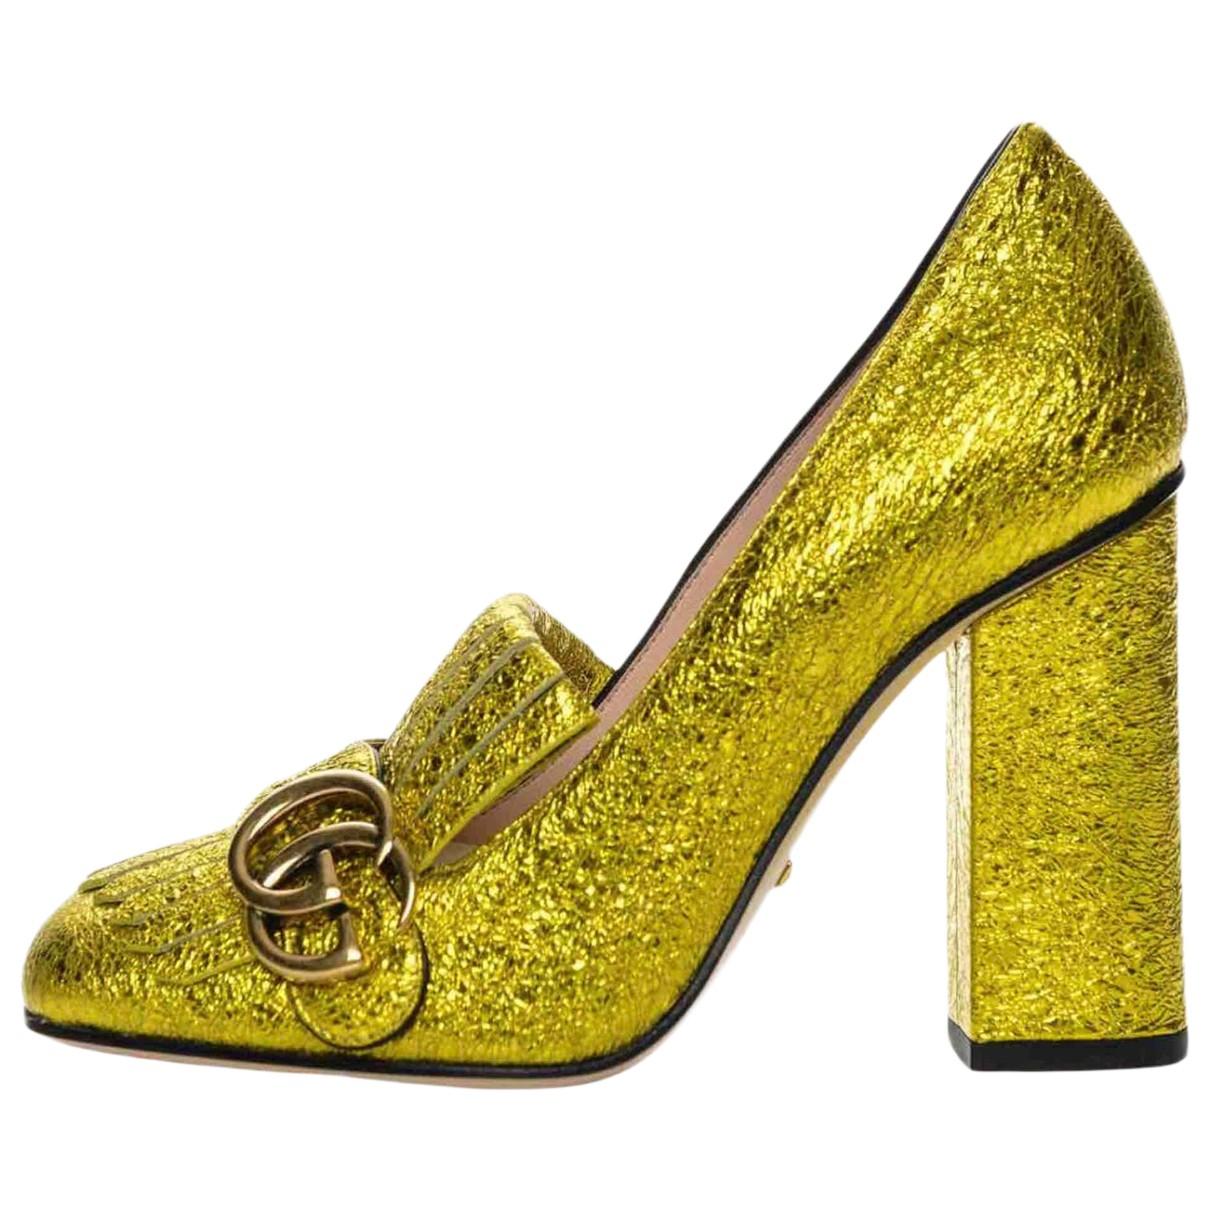 Gucci - Escarpins Marmont pour femme en cuir - jaune